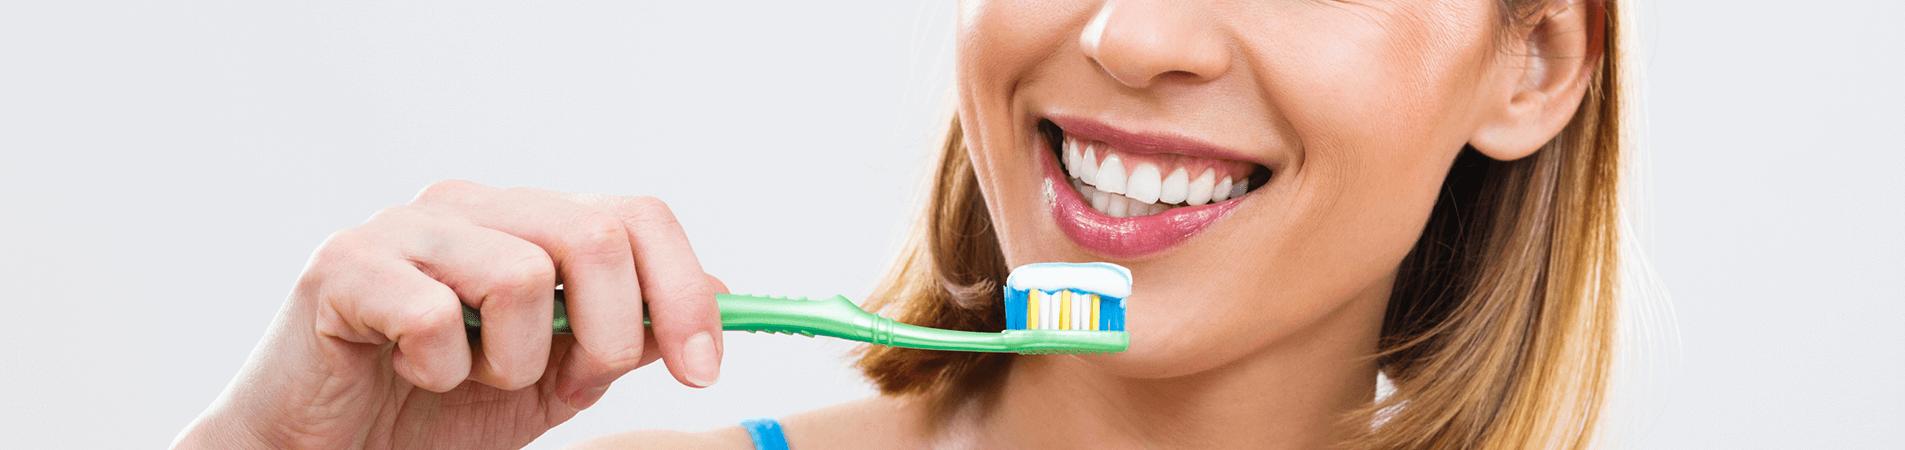 Dentiste Melun